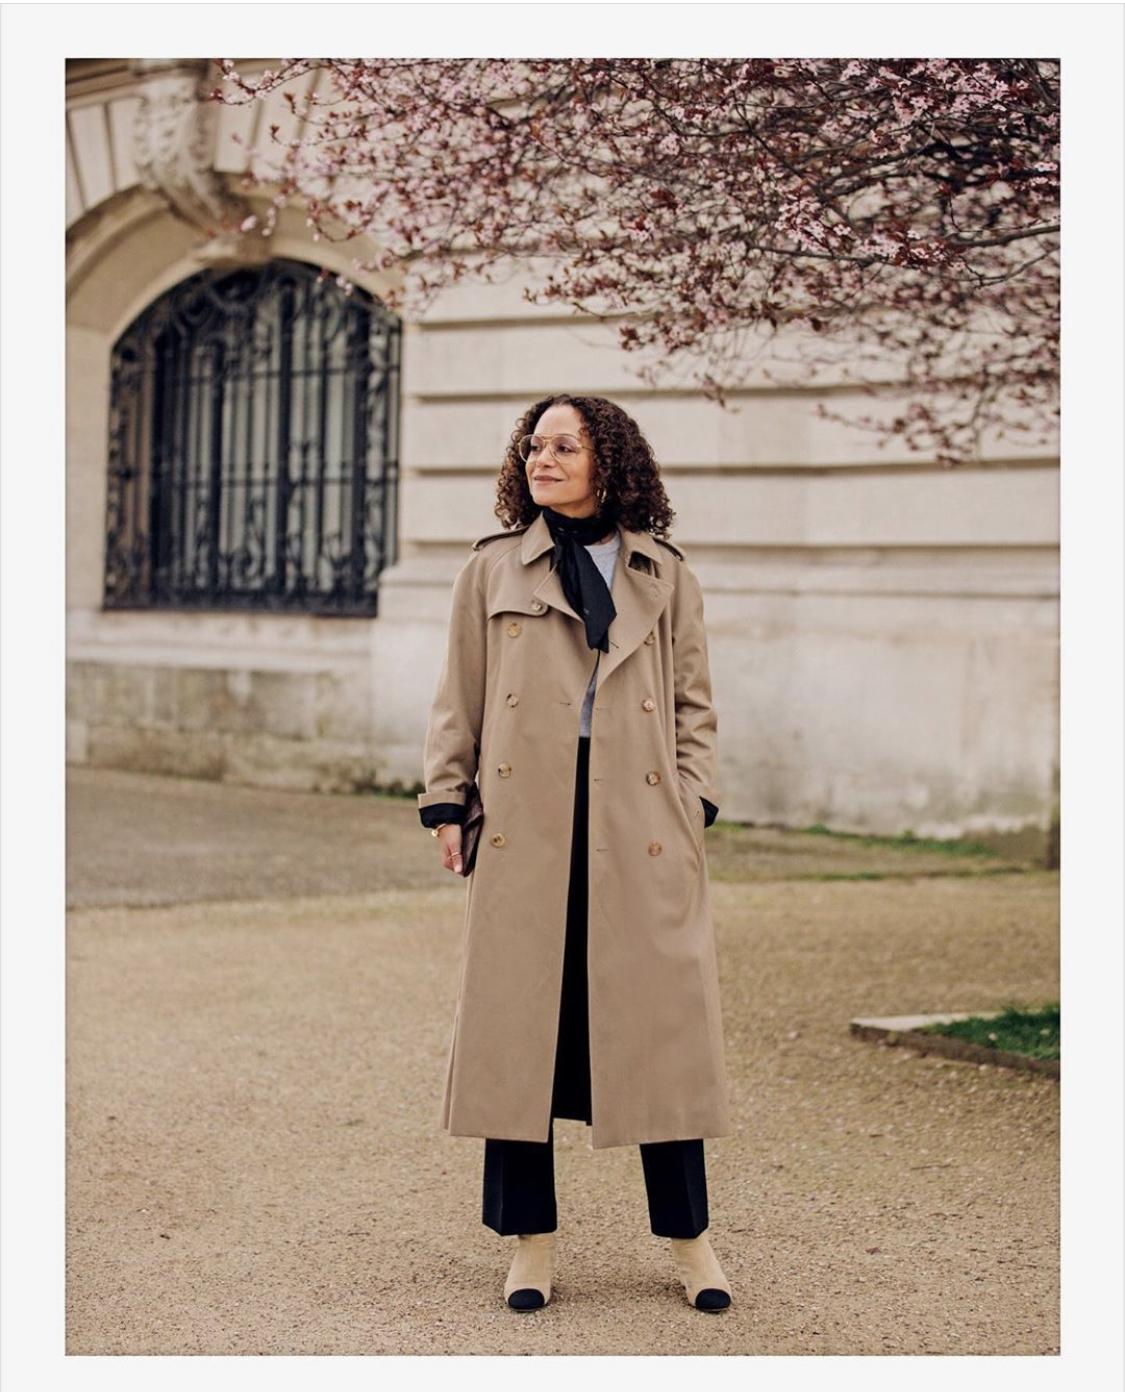 Samira Nasr Editor in Chief Harper's Bazaar U.S.